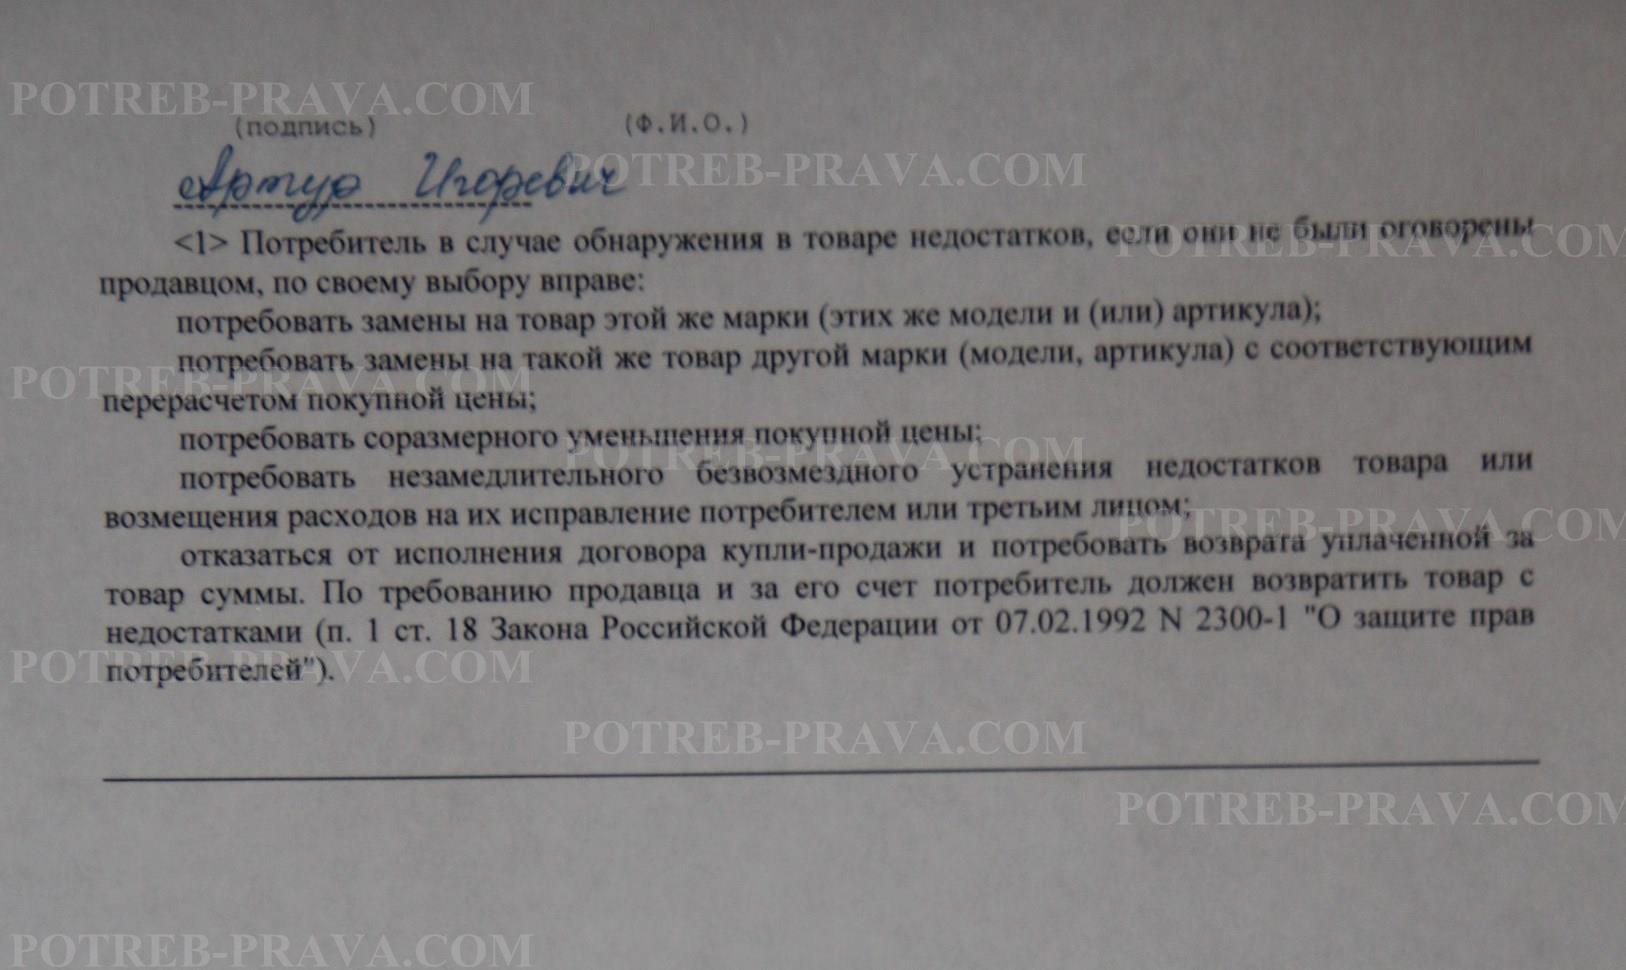 Пример заполнения жалобы на банк в Роспотребнадзор